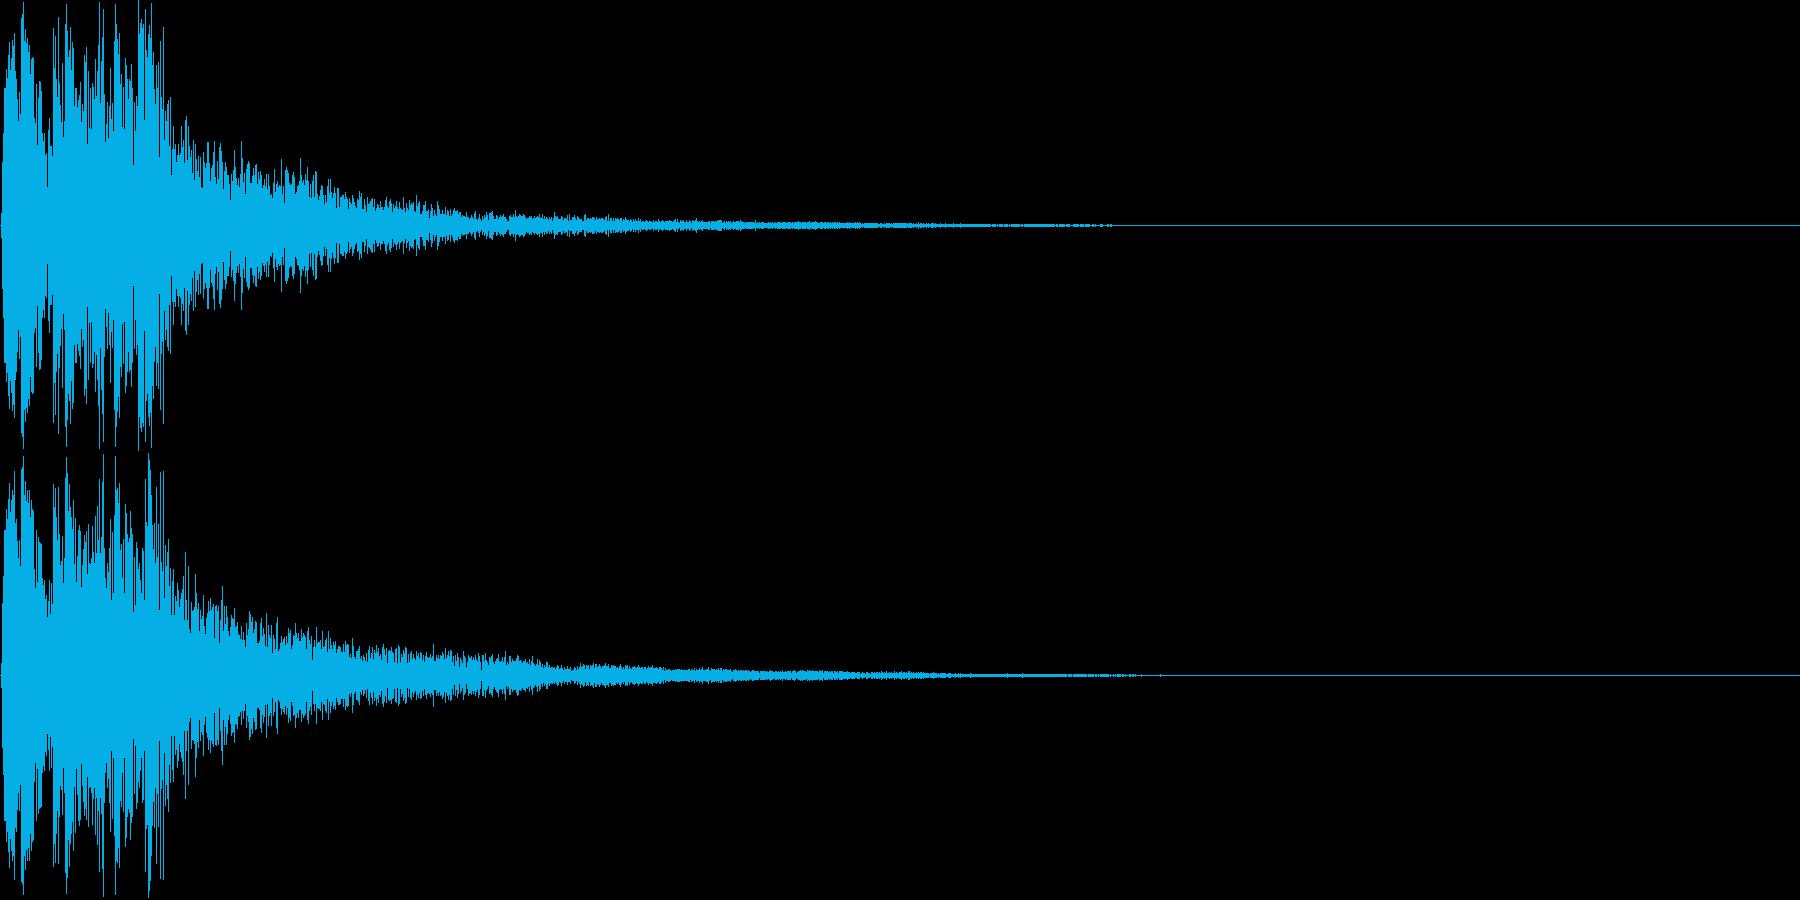 和風ボタン音、失敗音(三味線)の再生済みの波形